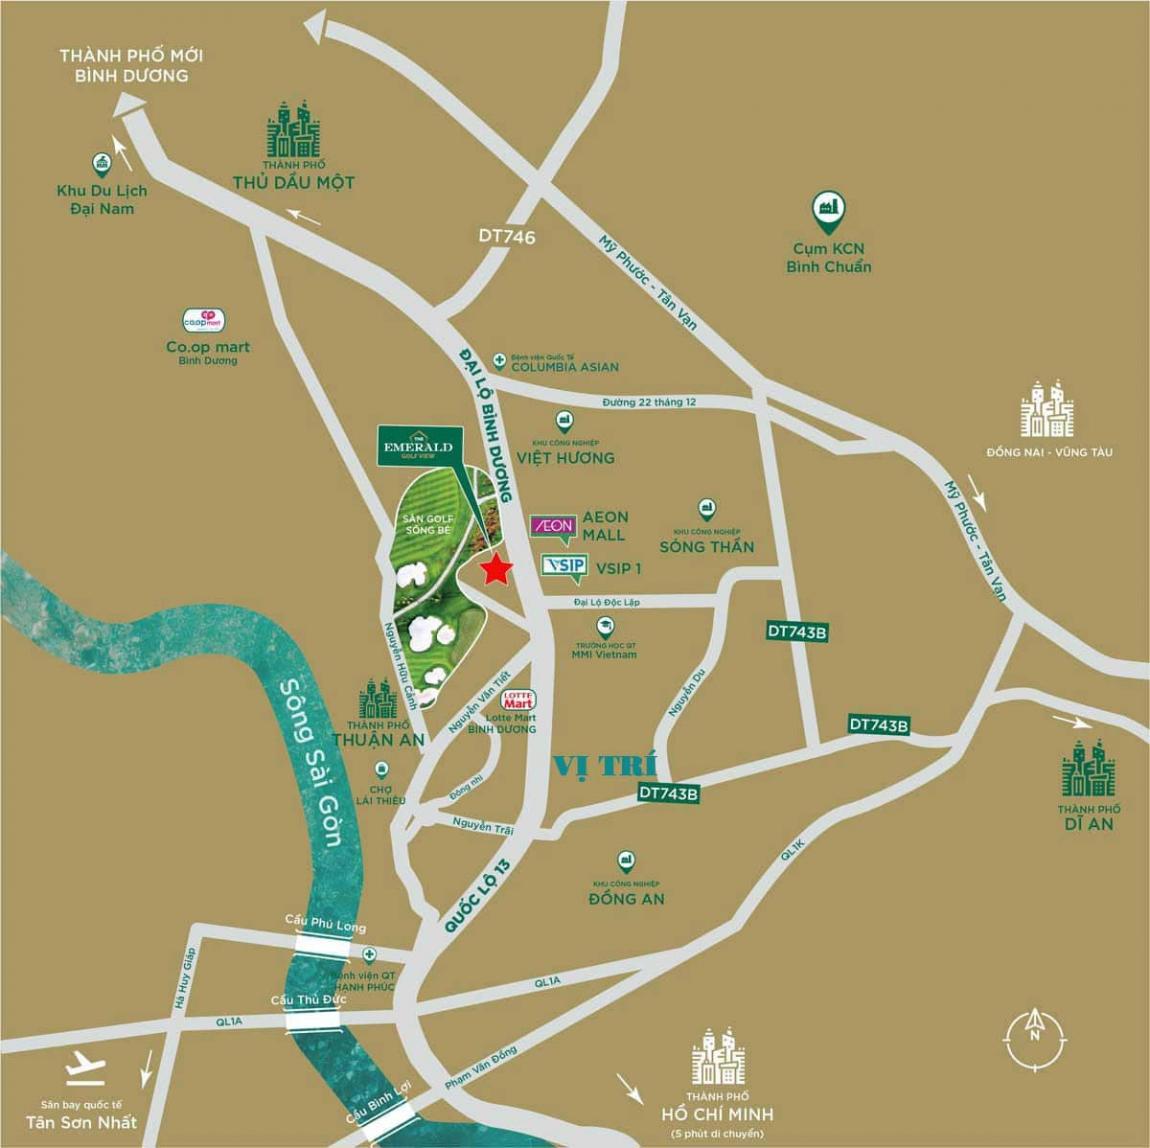 vị trí dự án căn hộ gem central park bình dương